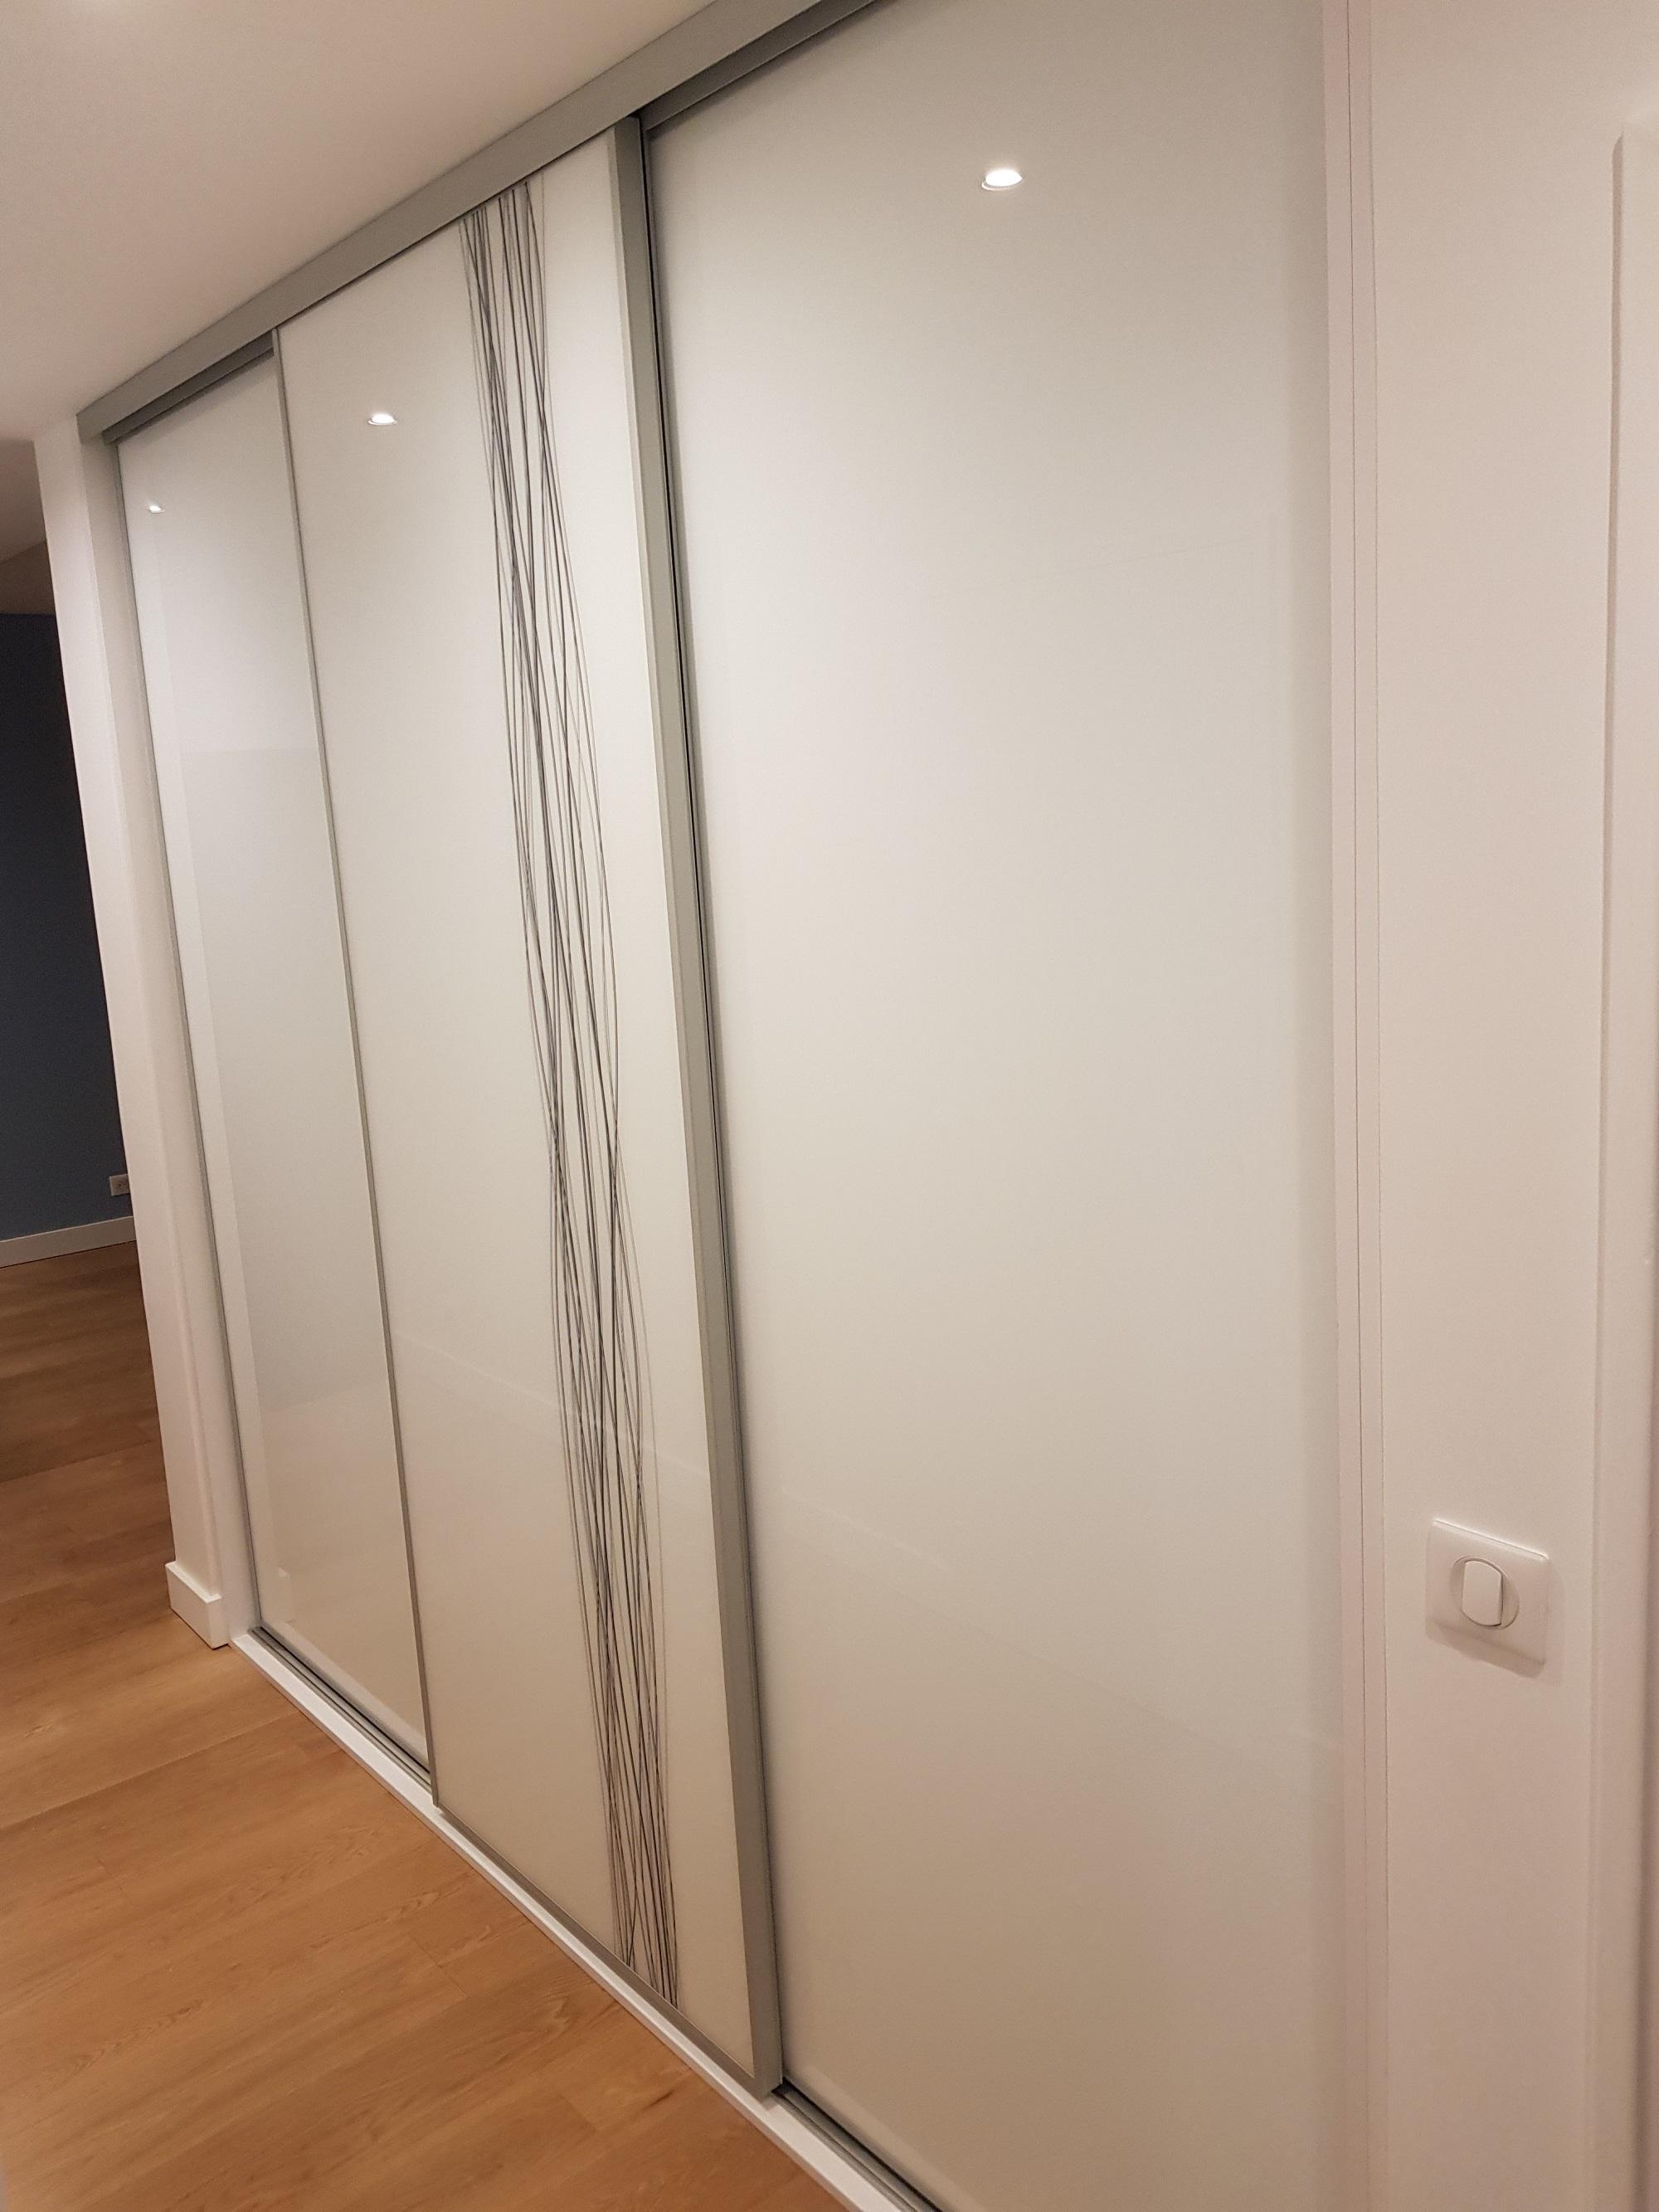 espace-placard-portes-coulissantes-4-1